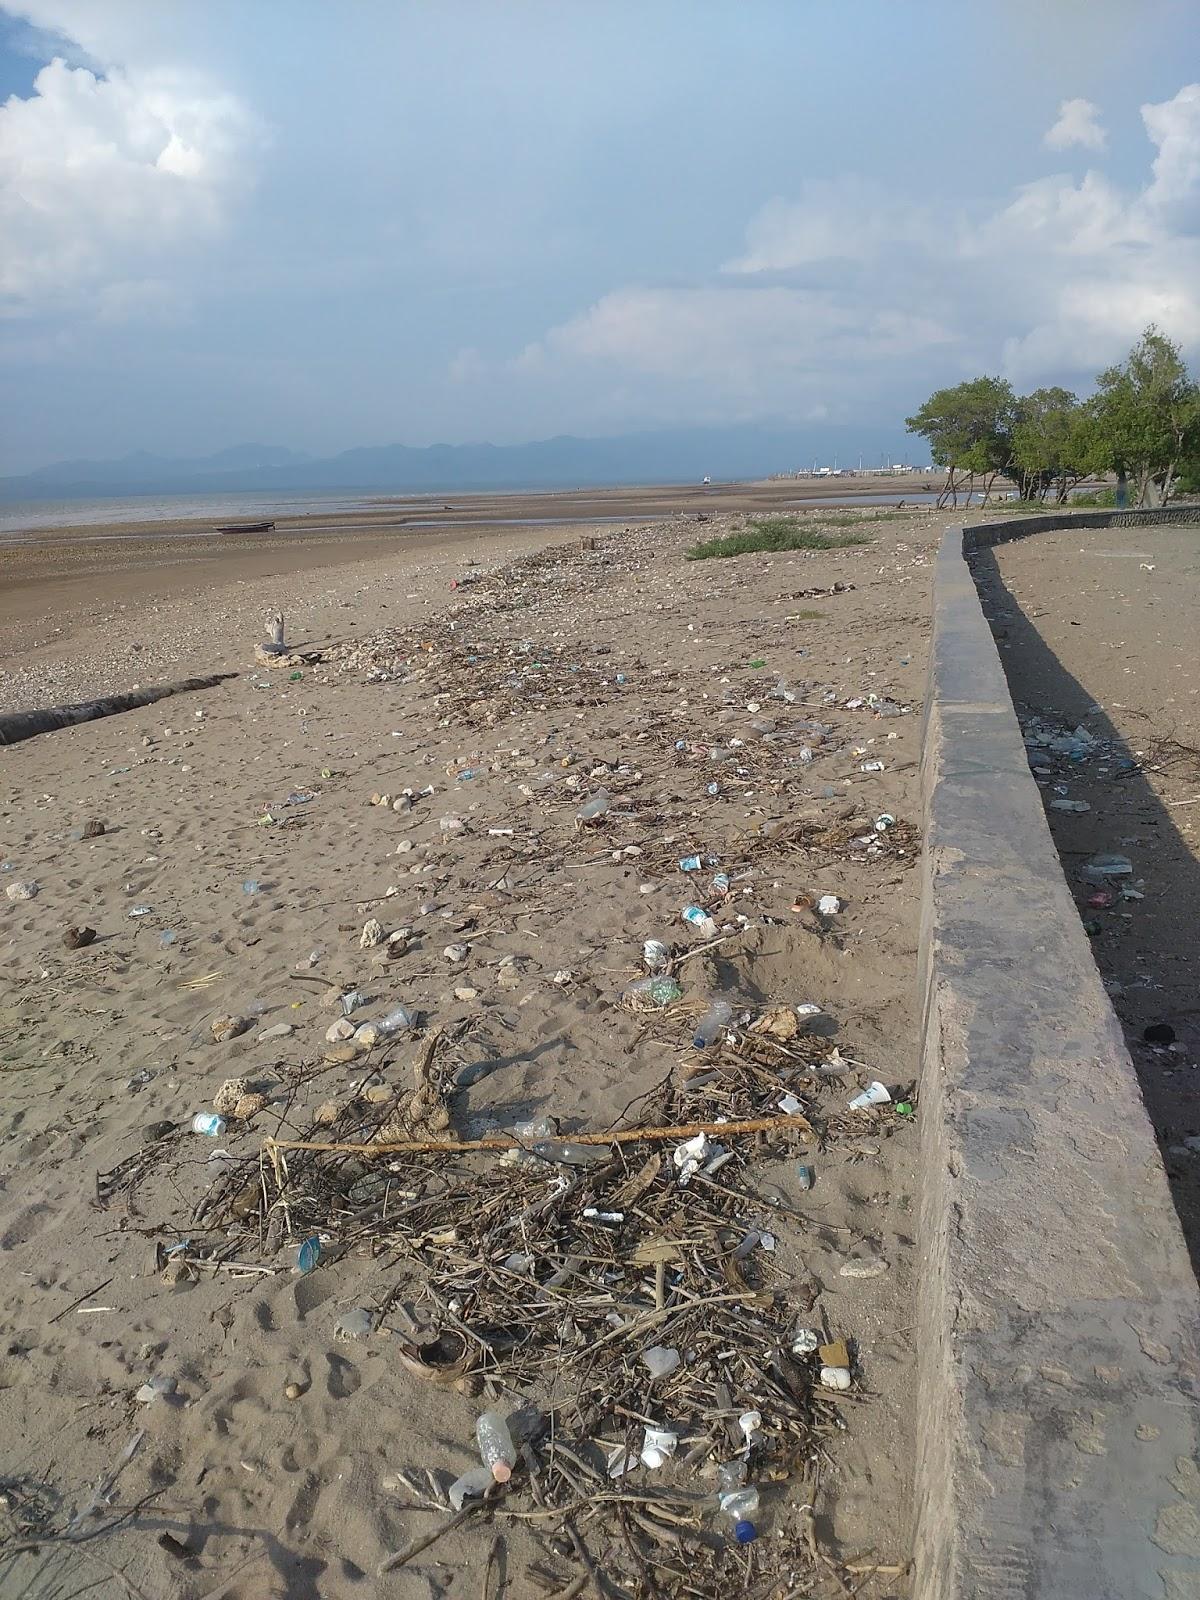 Pantai Manikin Lasiana Batu Nona Setiawan Mangando Sampah Berserakan Mengurangi